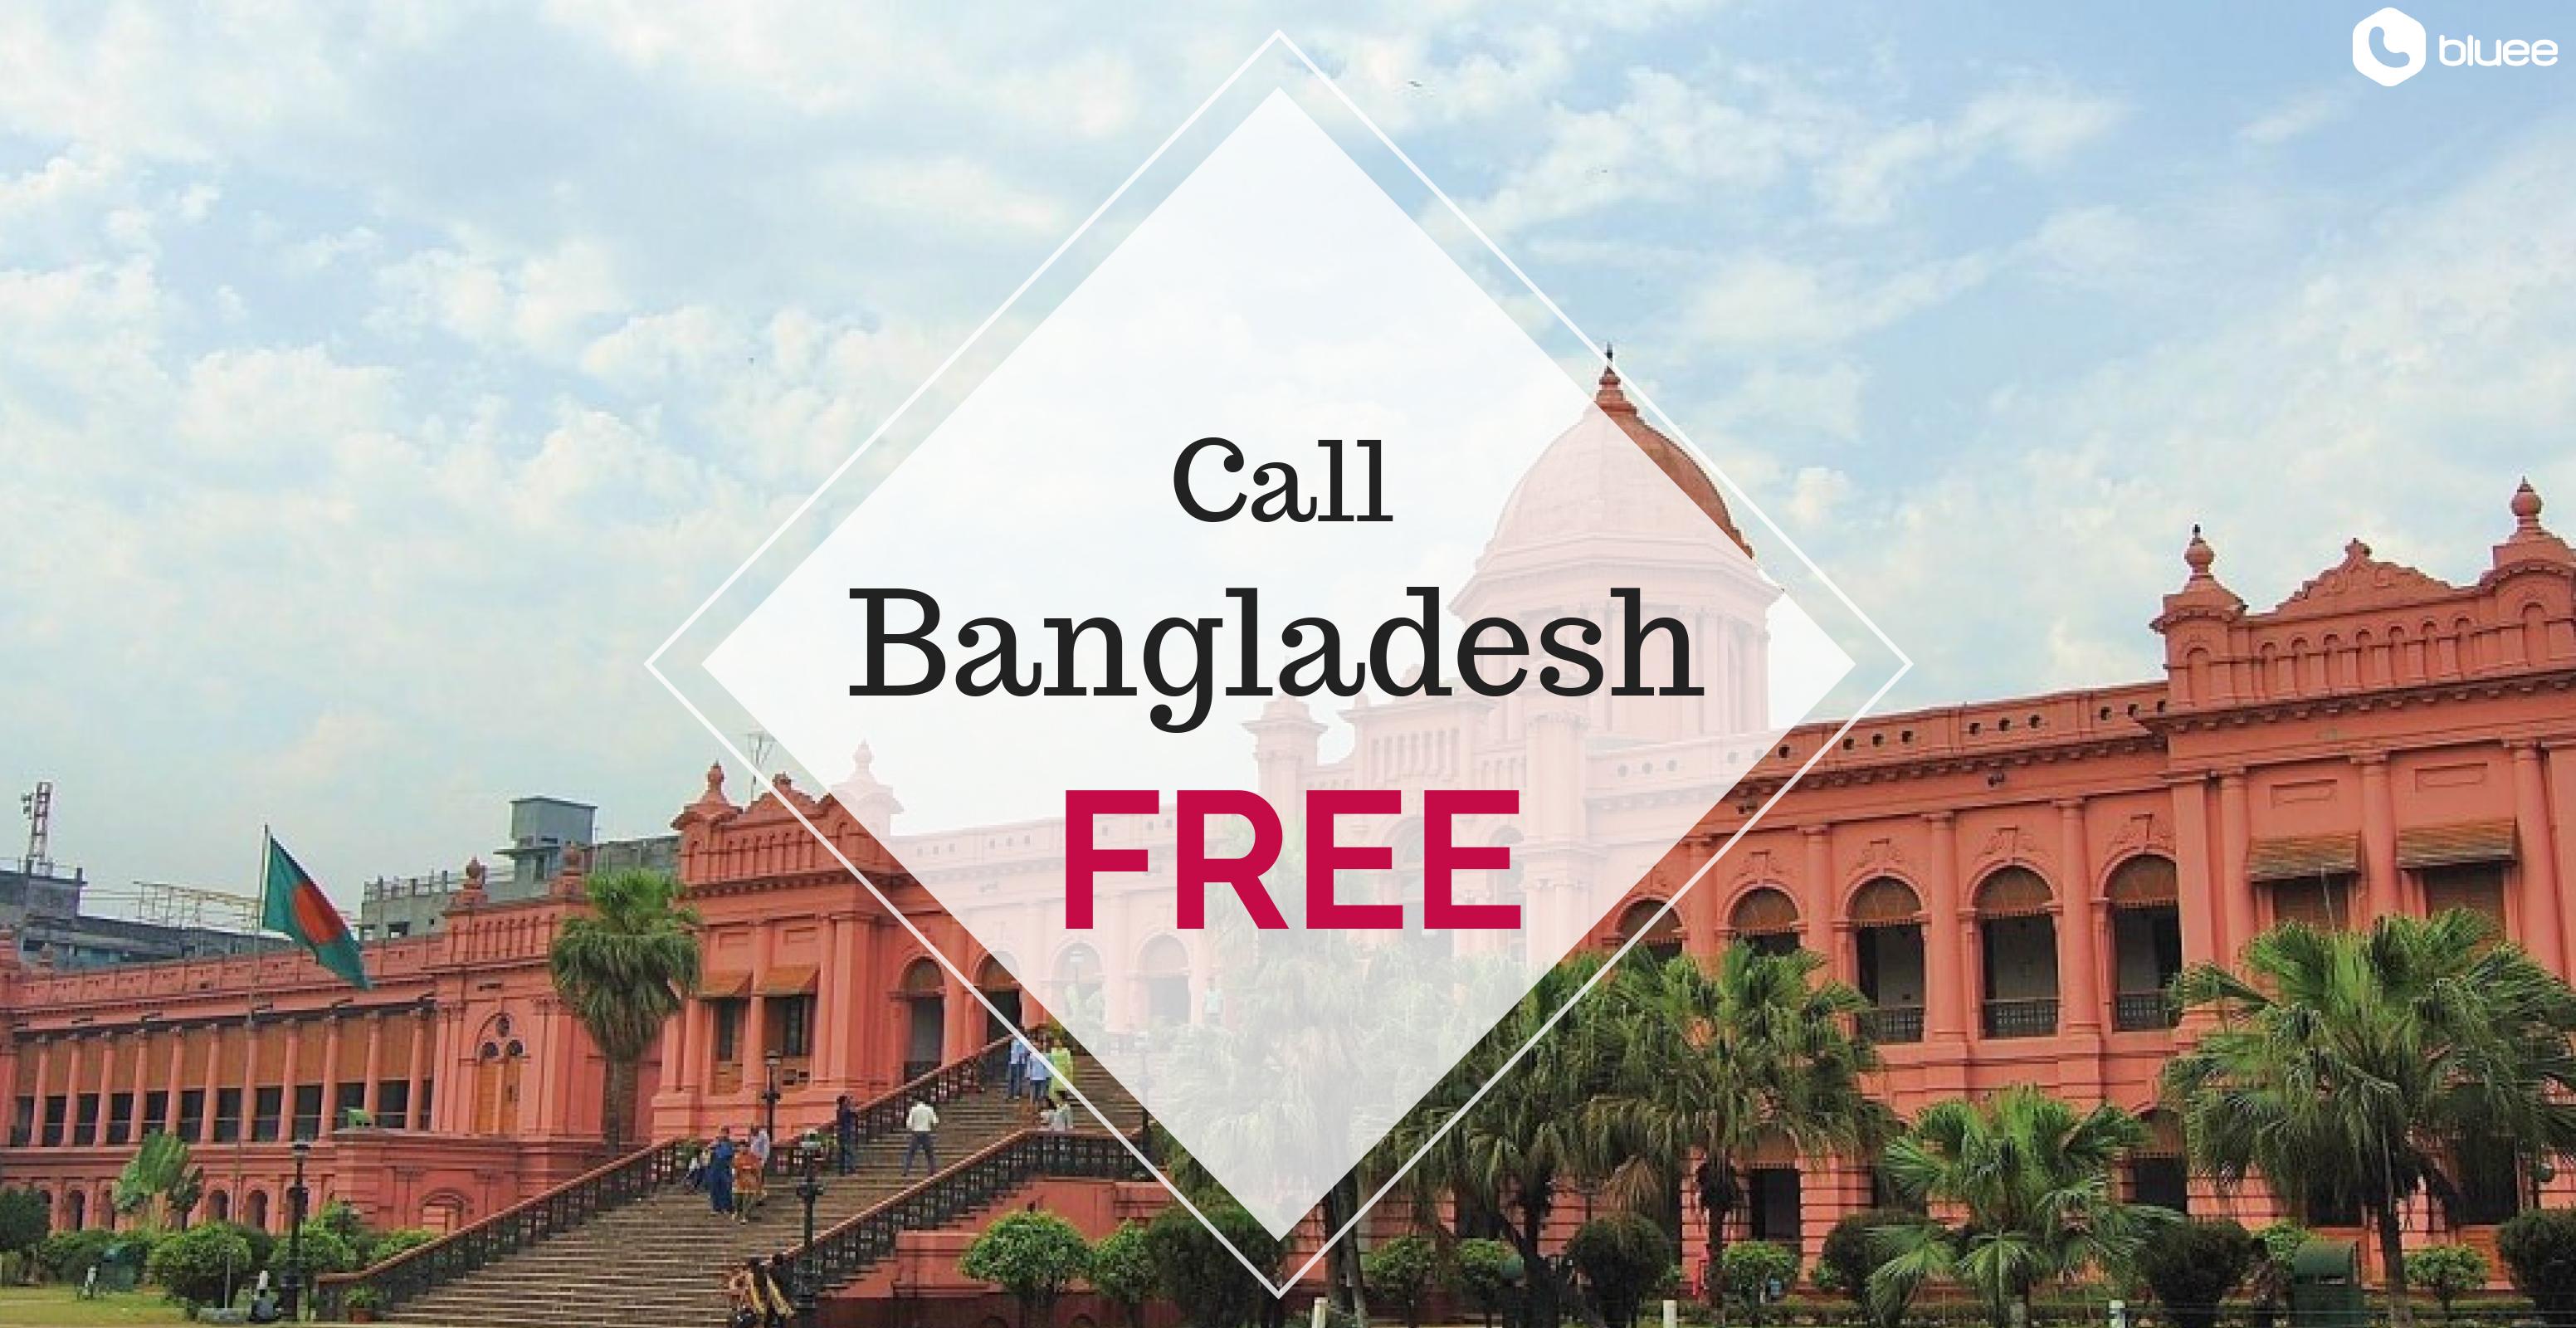 Free Thursday: Call Bangladesh for FREE!